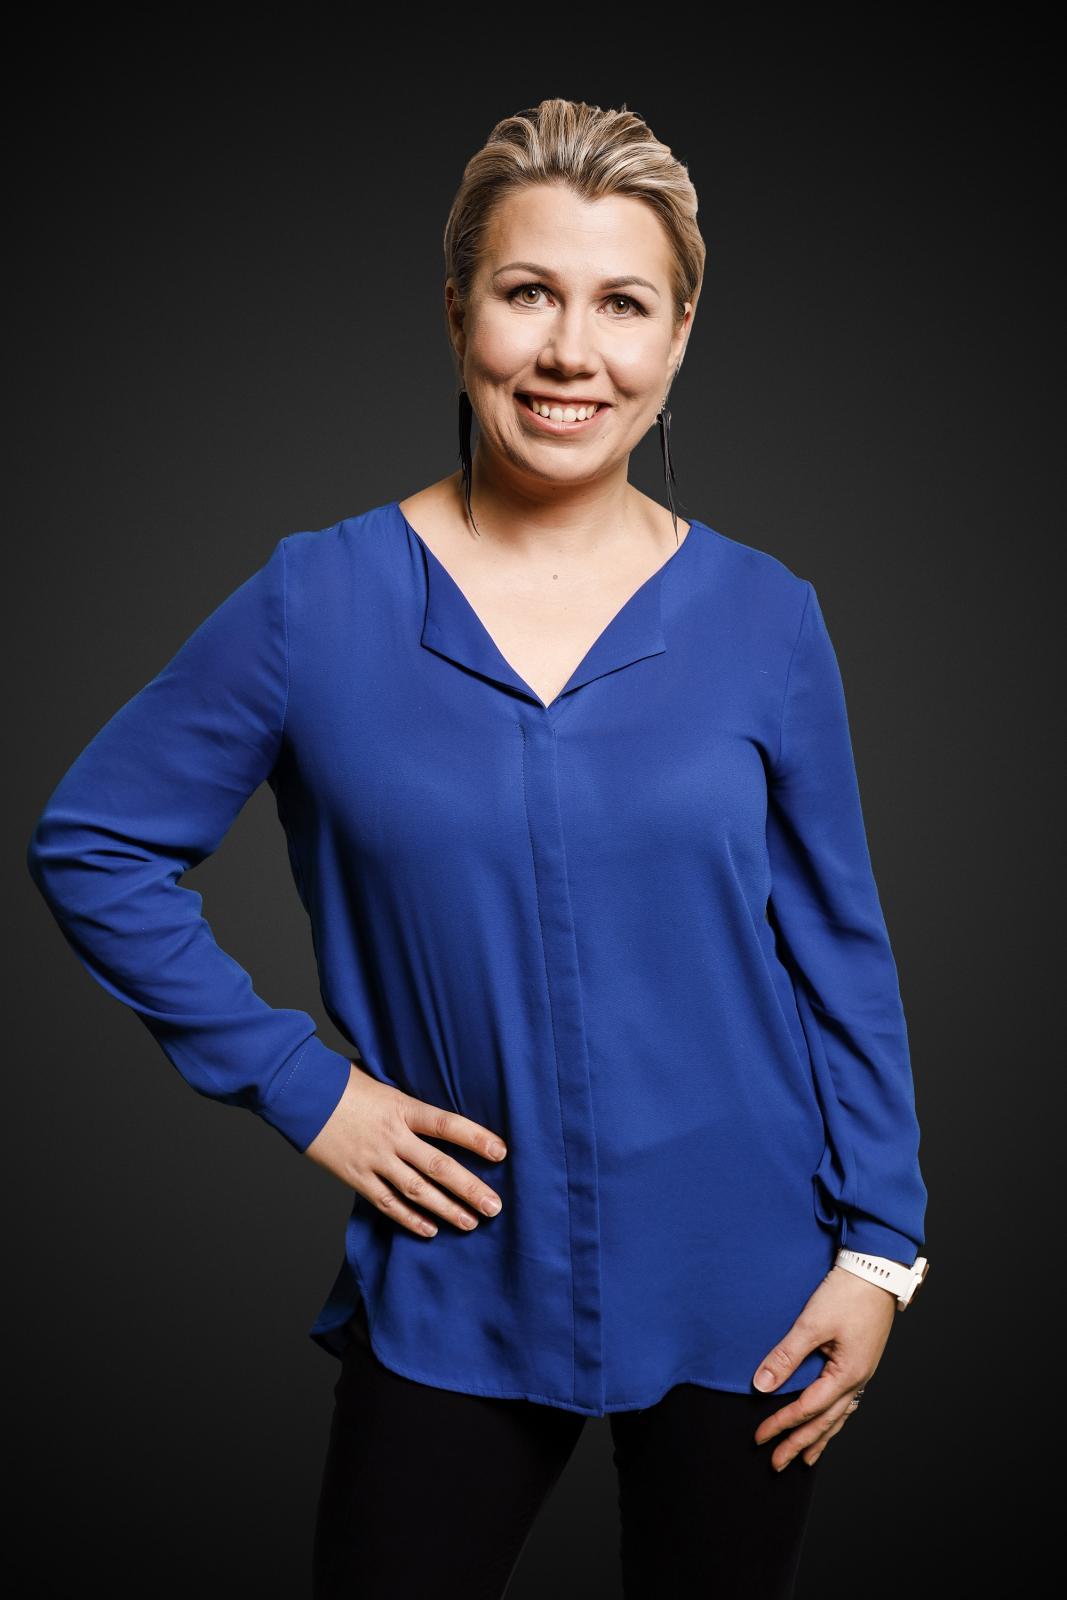 Heidi Litmanen